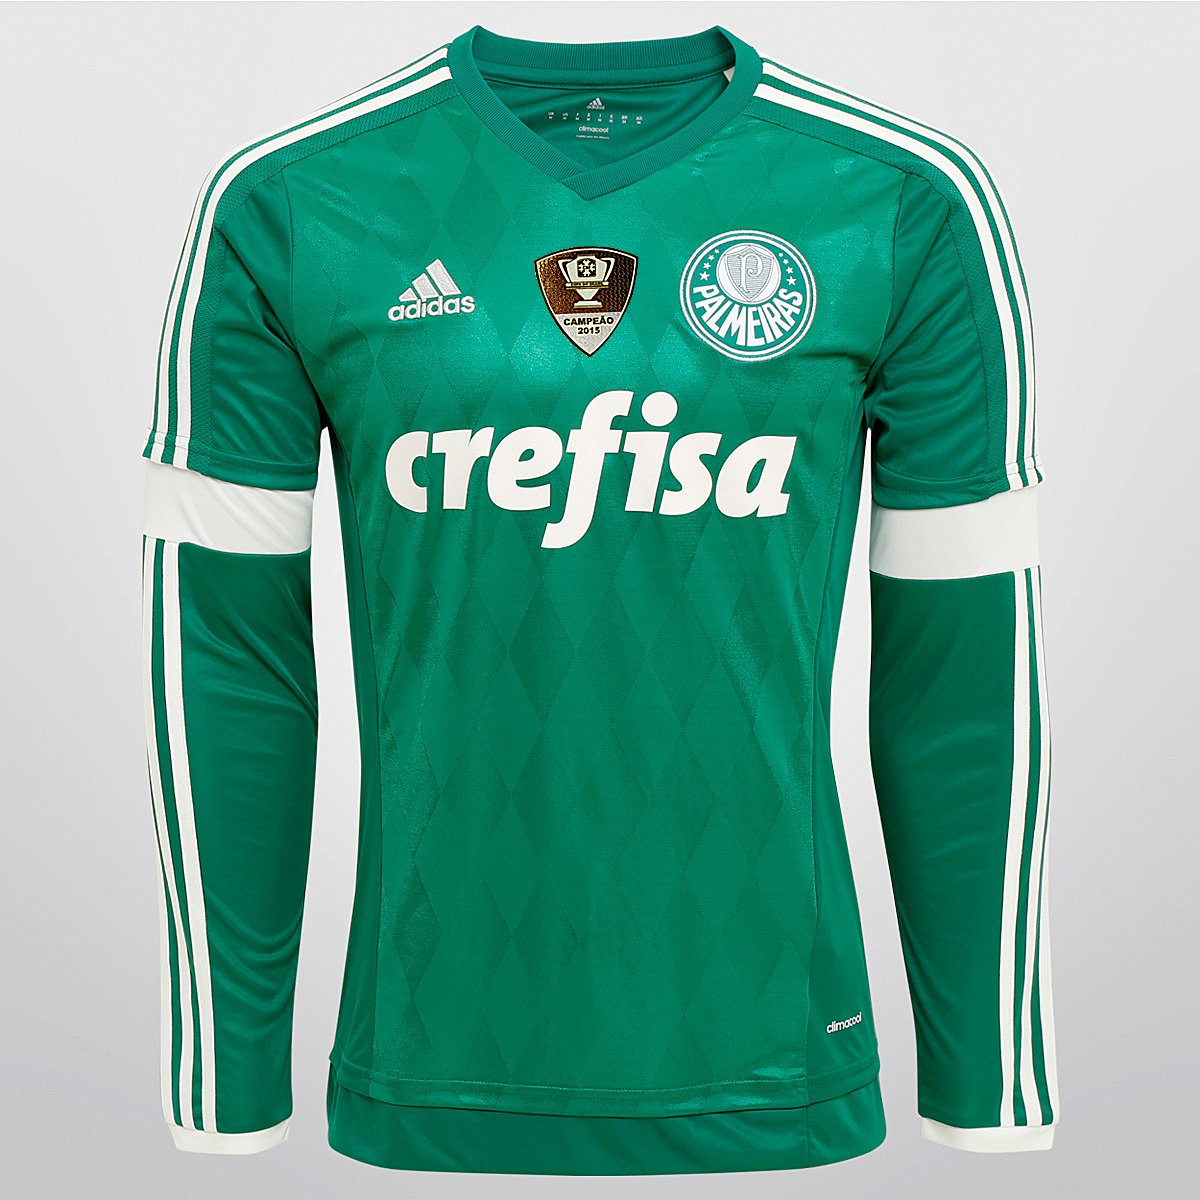 Camisa Adidas Palmeiras I 15 16 s nº M L - Patch Campeão Copa Do Brasil -  Compre Agora  ccfb9267bcae4